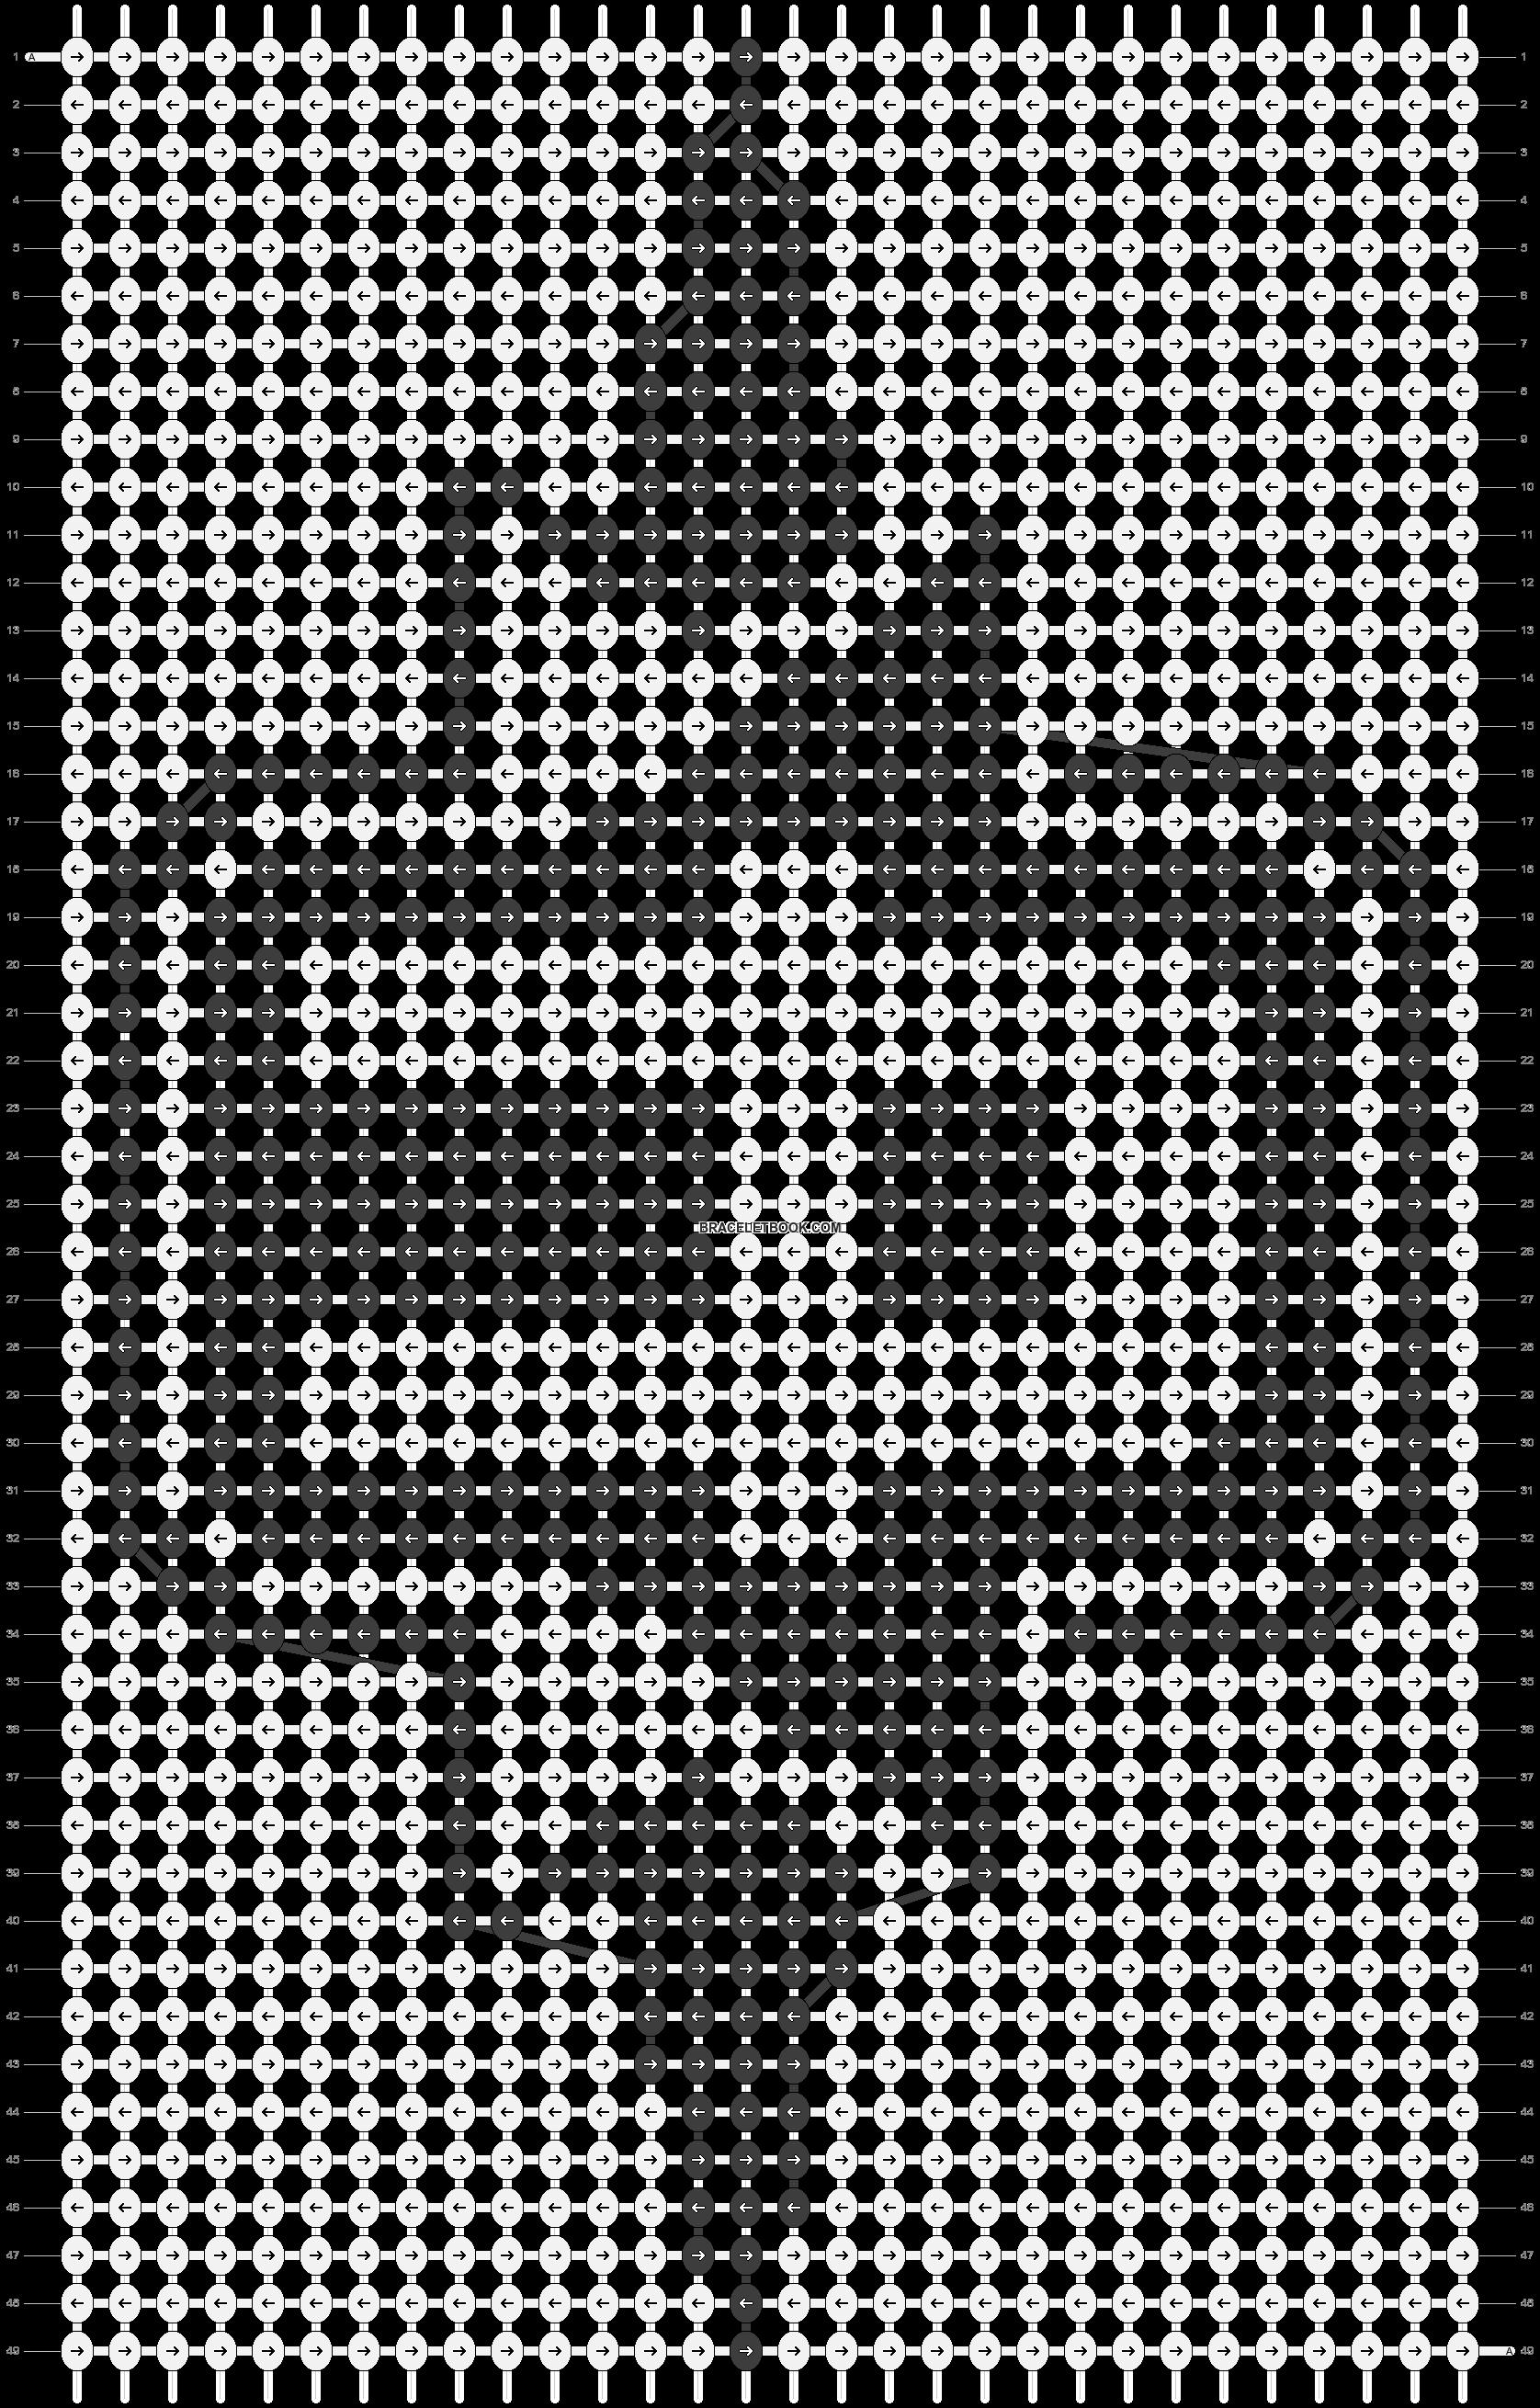 Alpha Pattern #22356 added by florcx